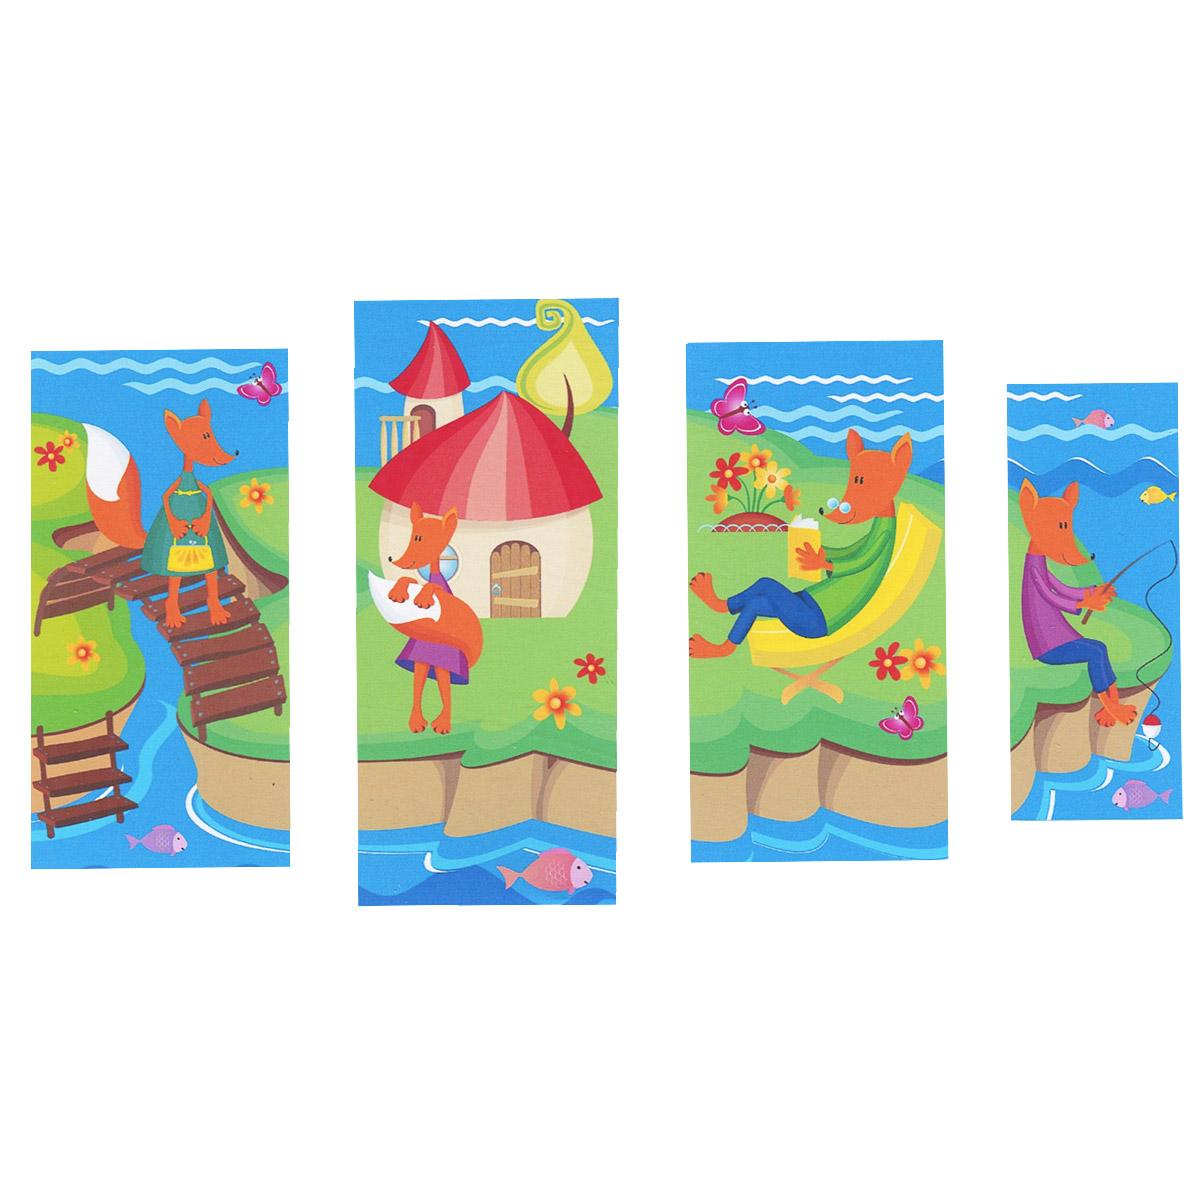 Модульная картина на холсте КвикДекор  Лисичкин островок , 119 см х 70 см -  Детская комната